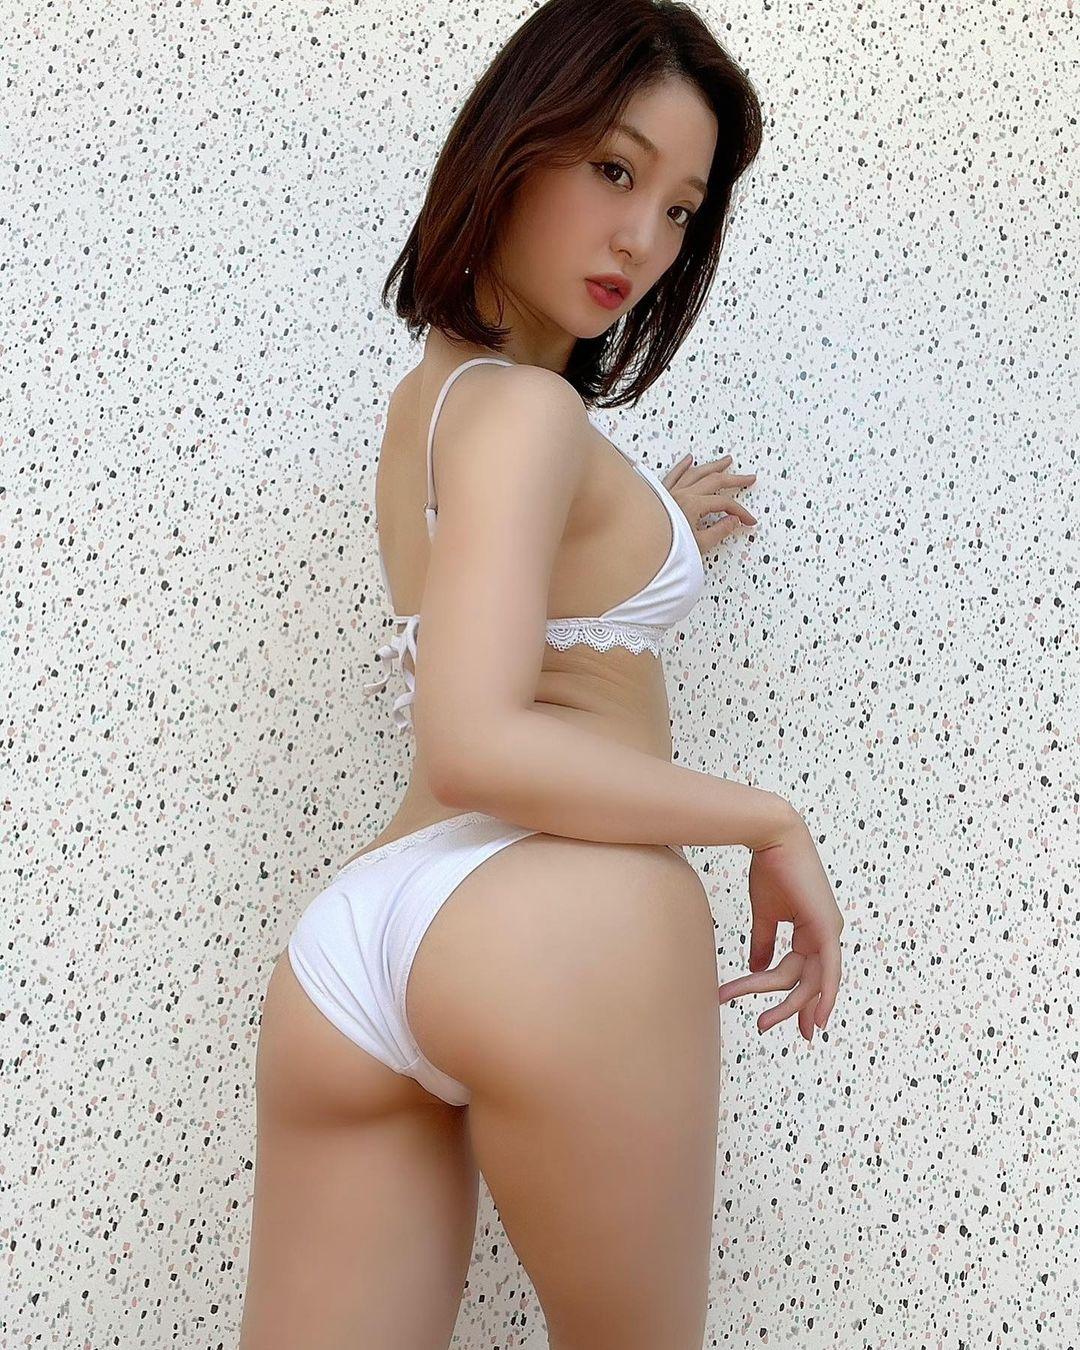 「白最強」「可愛いお尻」振り向きビキニショットで美尻を披露【kozueさん/2021年7月18日】